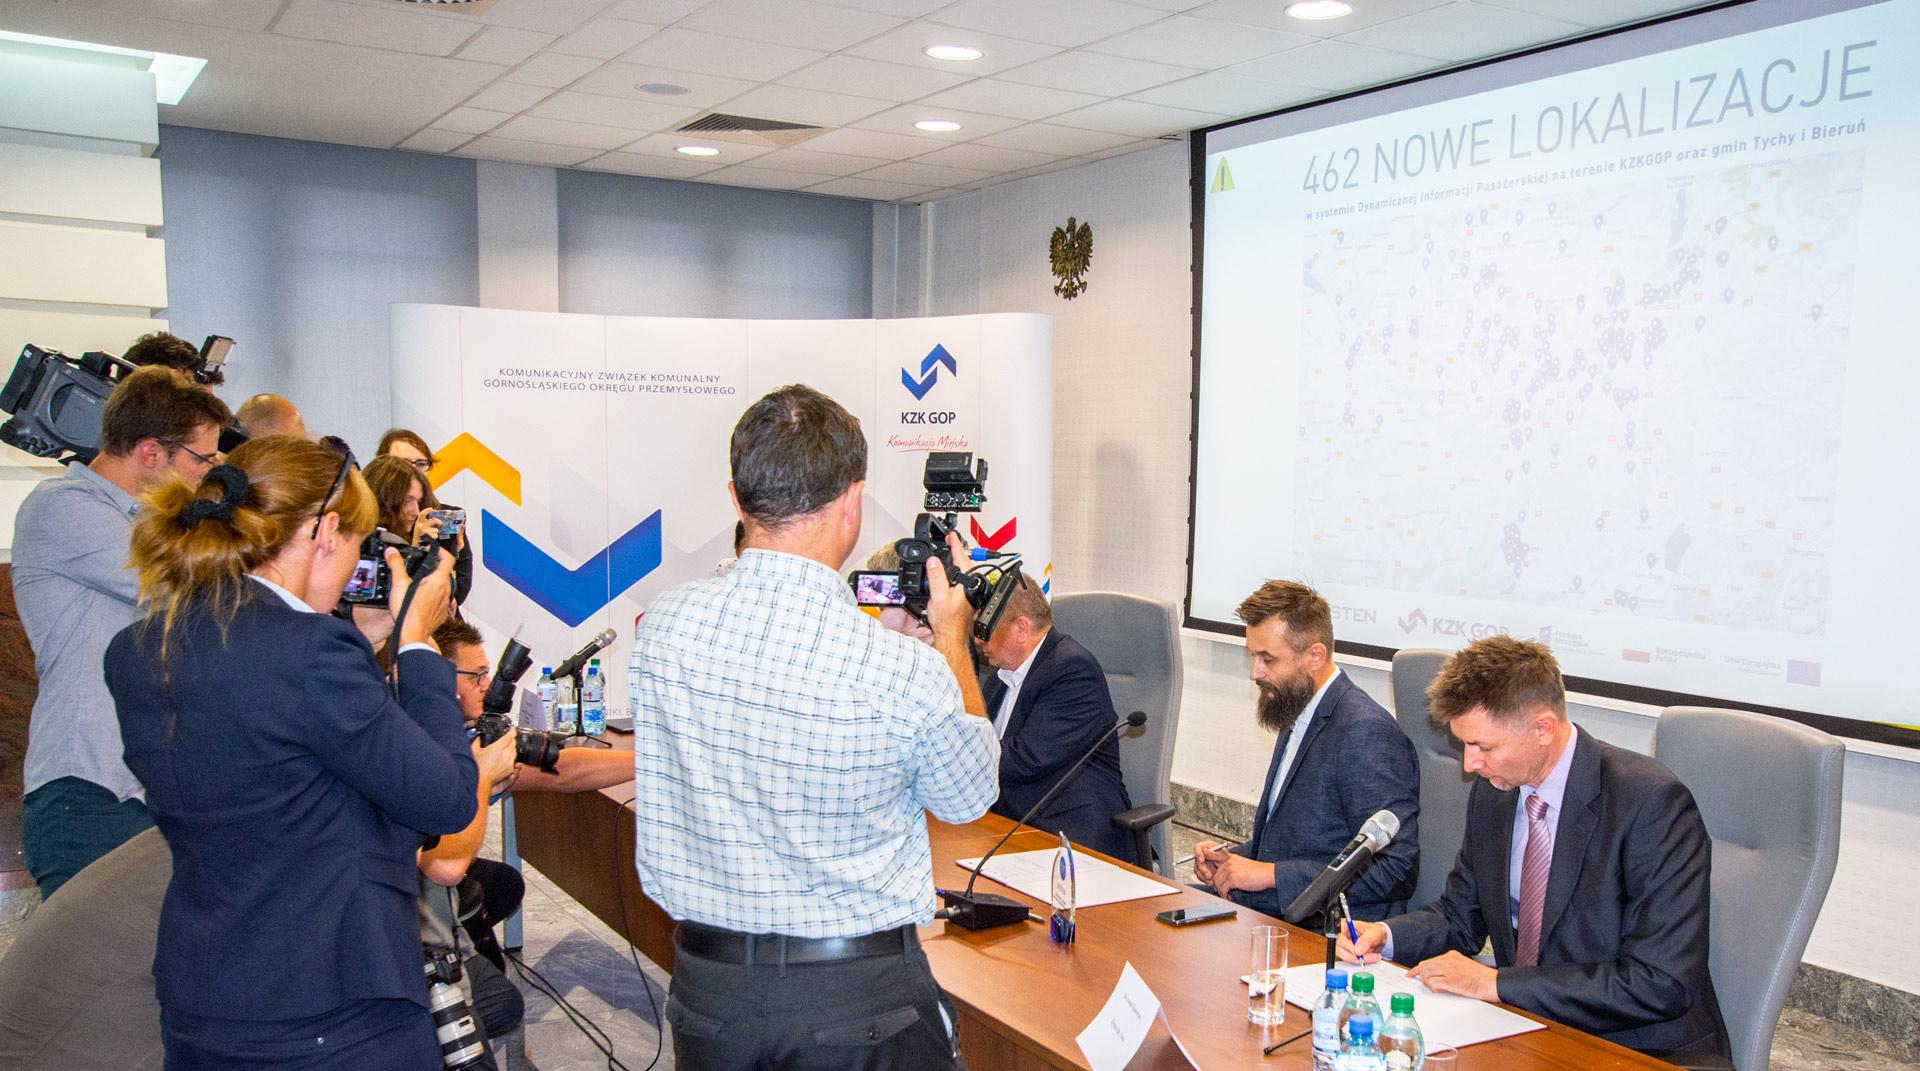 Dysten zbuduje rozszerzenie systemu ITS na terenie województwa śląskiego - powstaną 462 nowe instalacje systemu dynamicznej informacji pasażerskiej